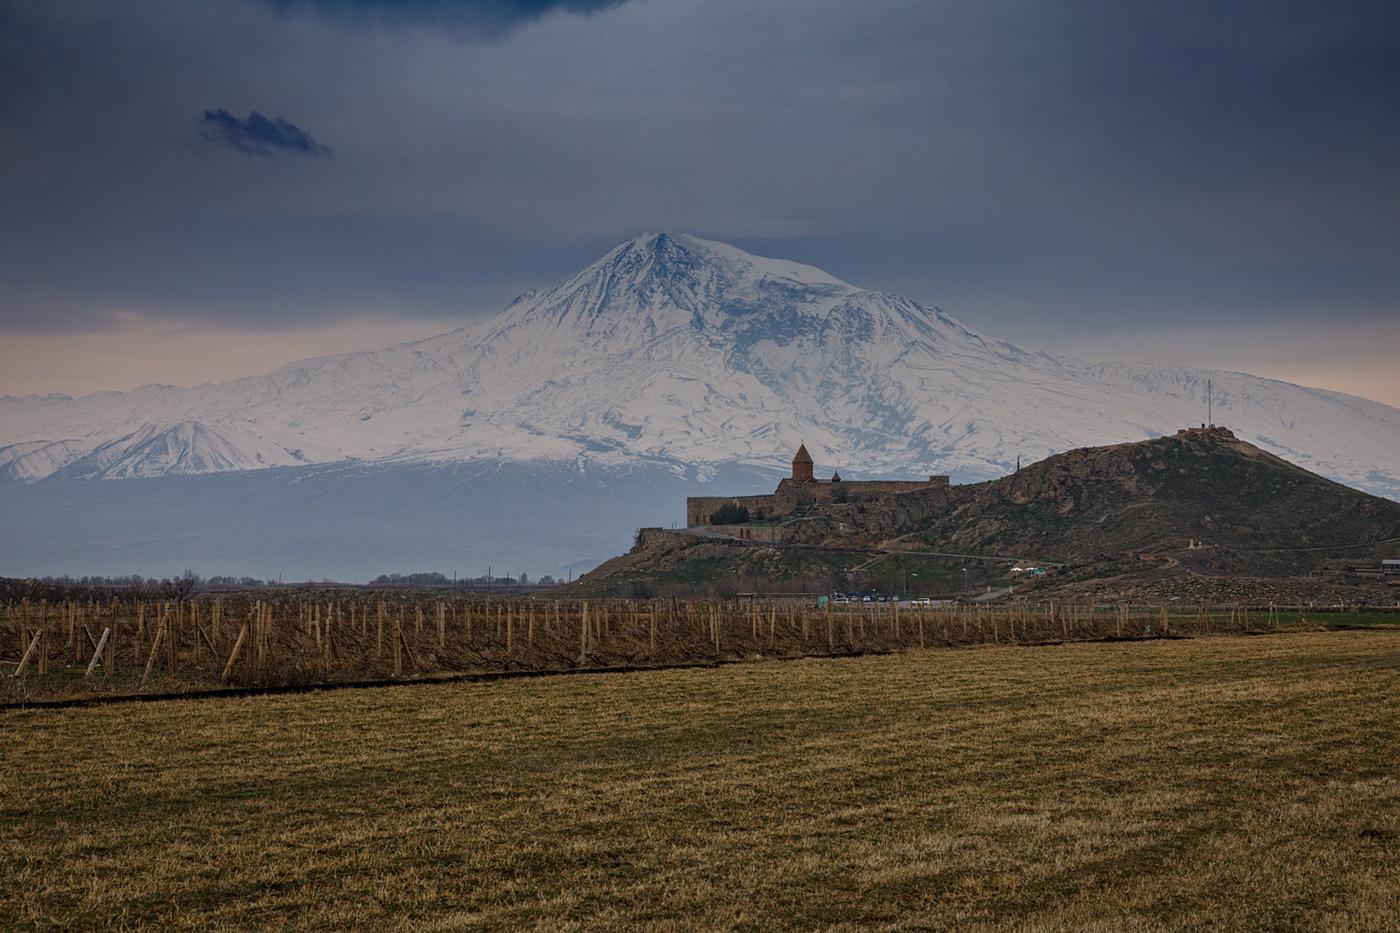 фото горы арарат со стороны армении духовые шкафы